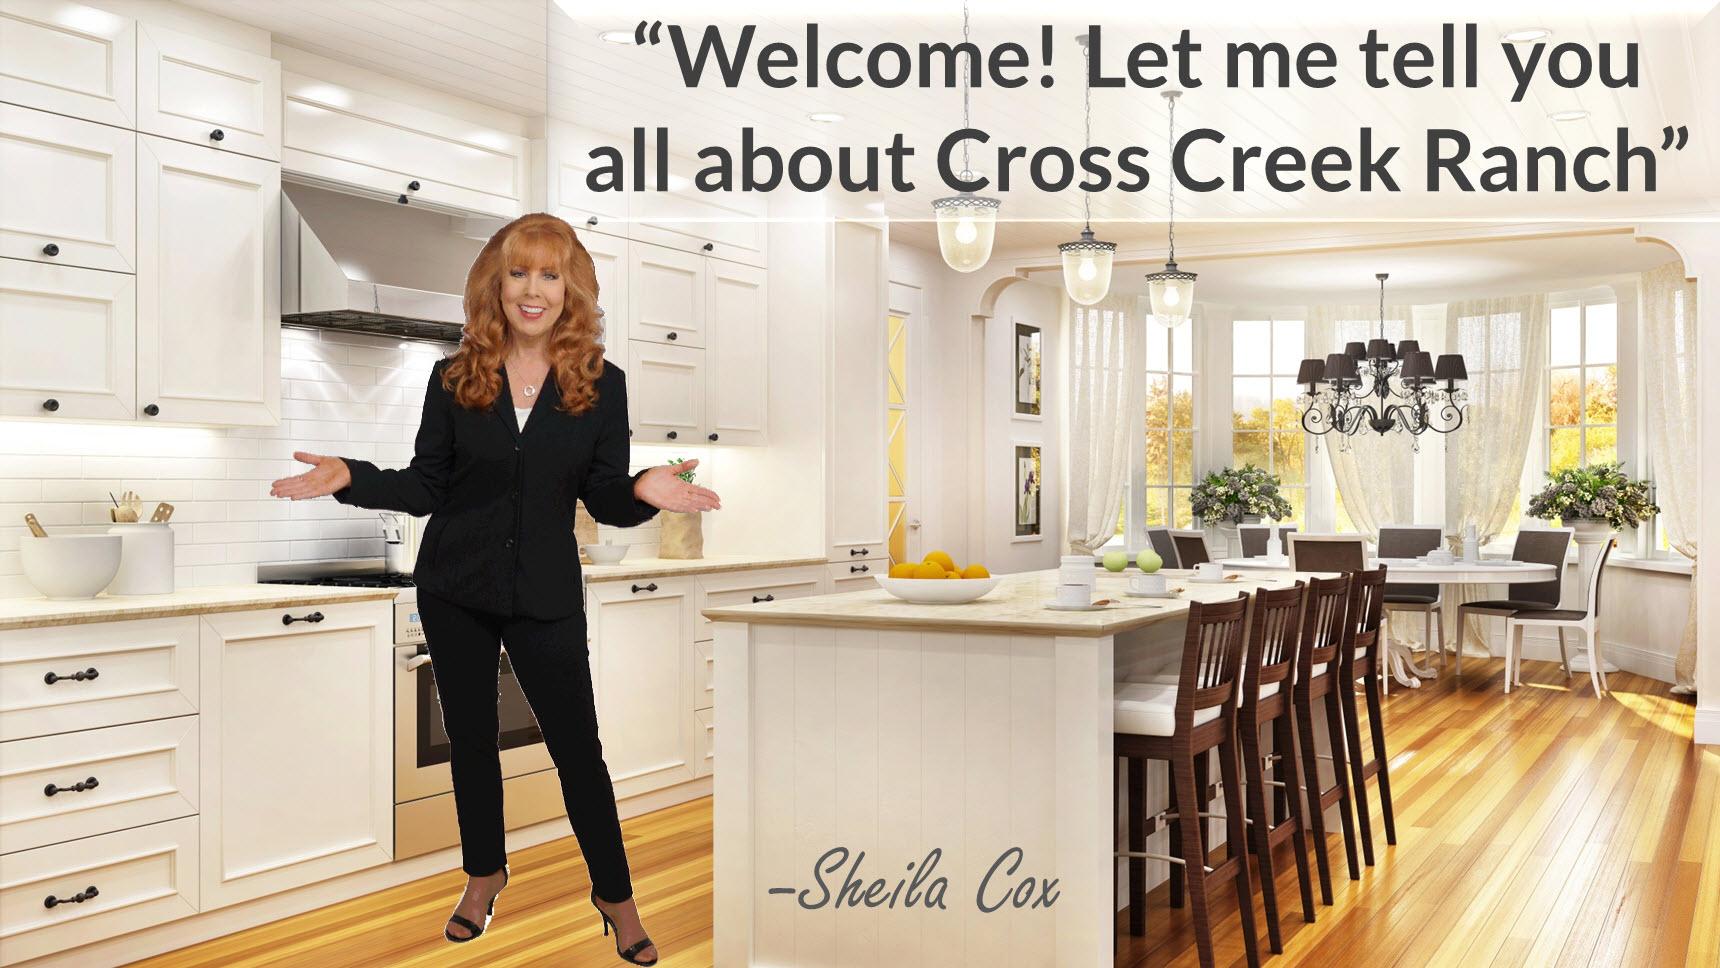 cross creek ranch welcome 4